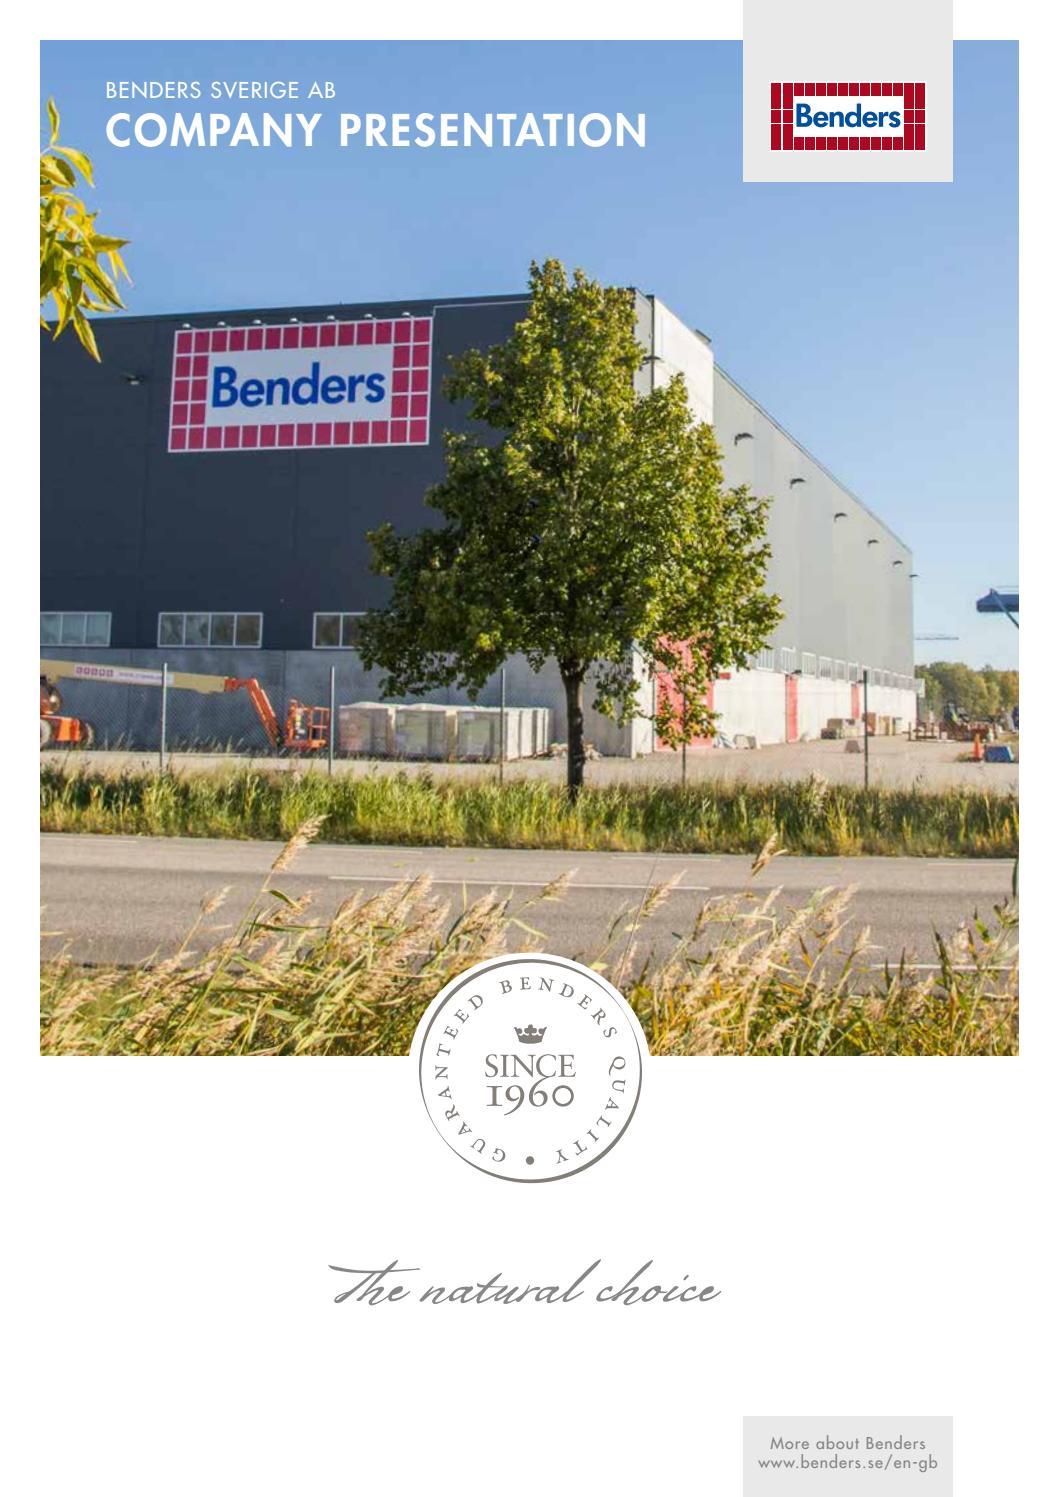 EN Company presentation 2016 by Benders Sverige AB - issuu